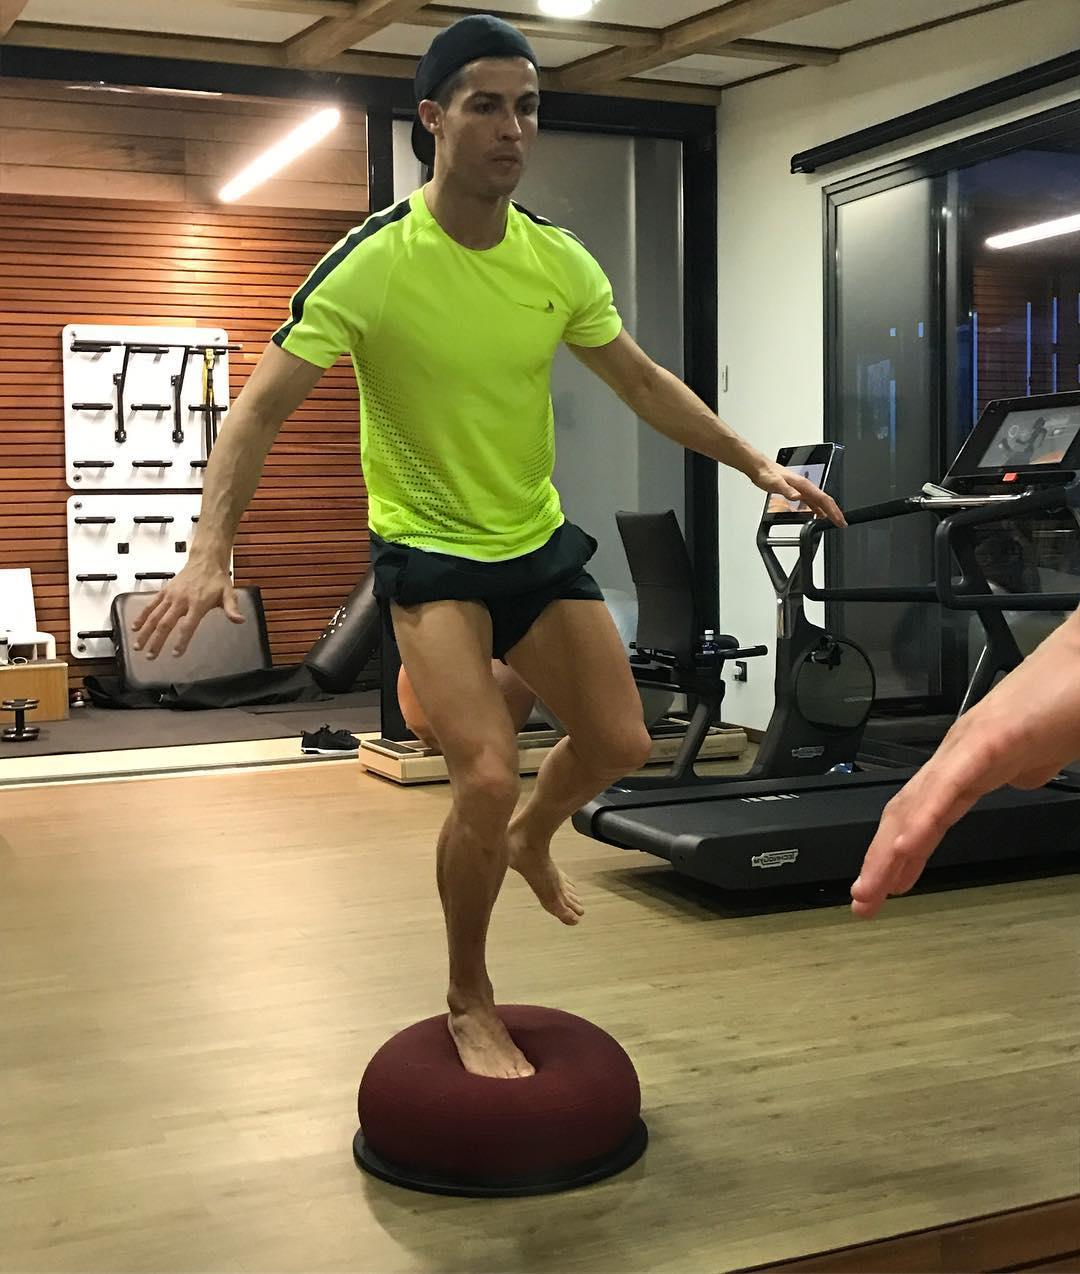 Роналду на базе. как тренируется криштиану.  спорт-экспресс